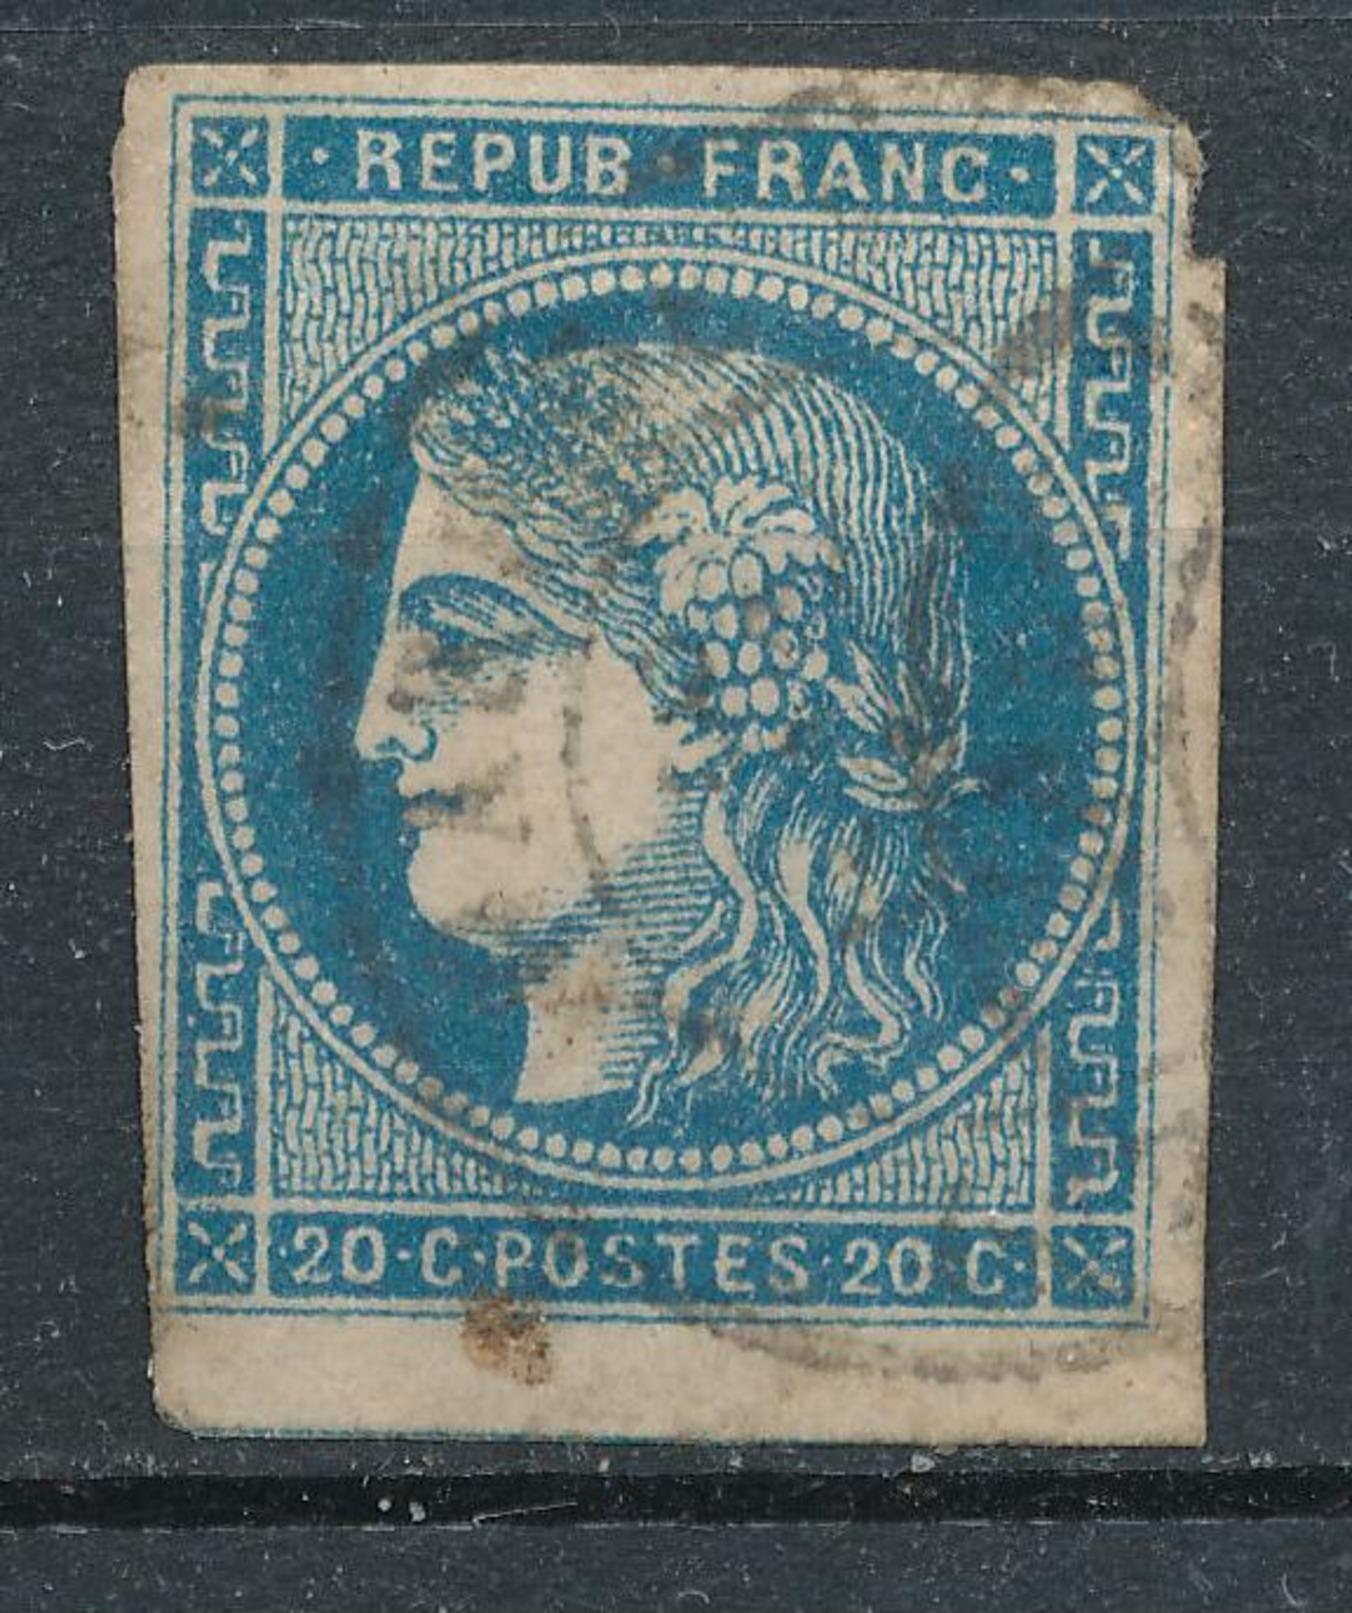 N°45 BORDEAUX VARIETE ET OBLITERATION. - 1870 Bordeaux Printing